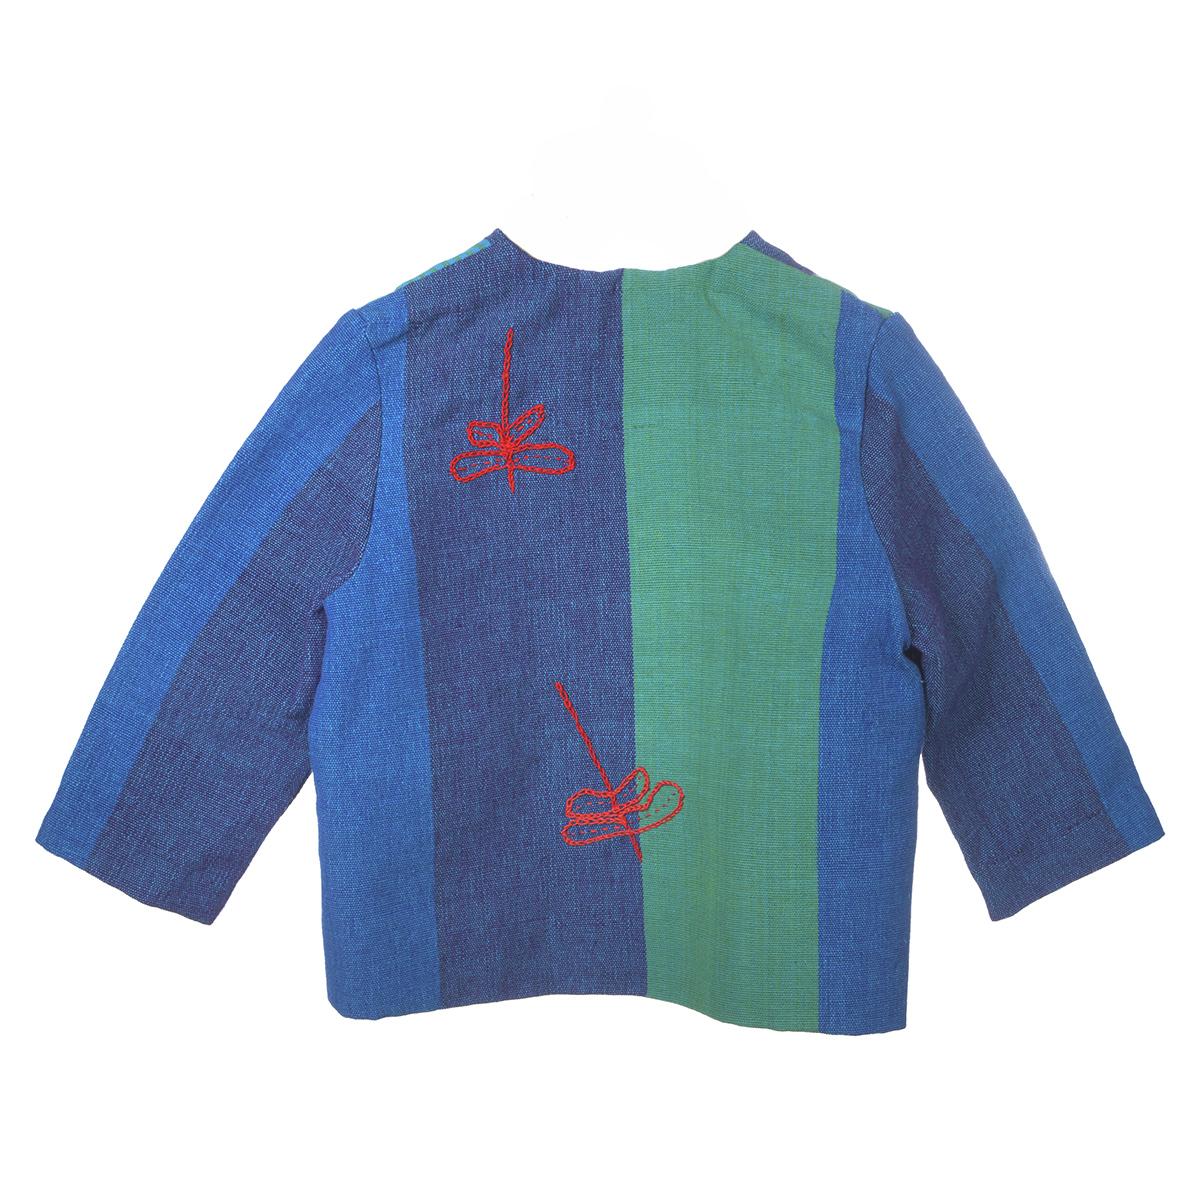 Blauw en groene vlakken jasje met rode borduursel achterzijde